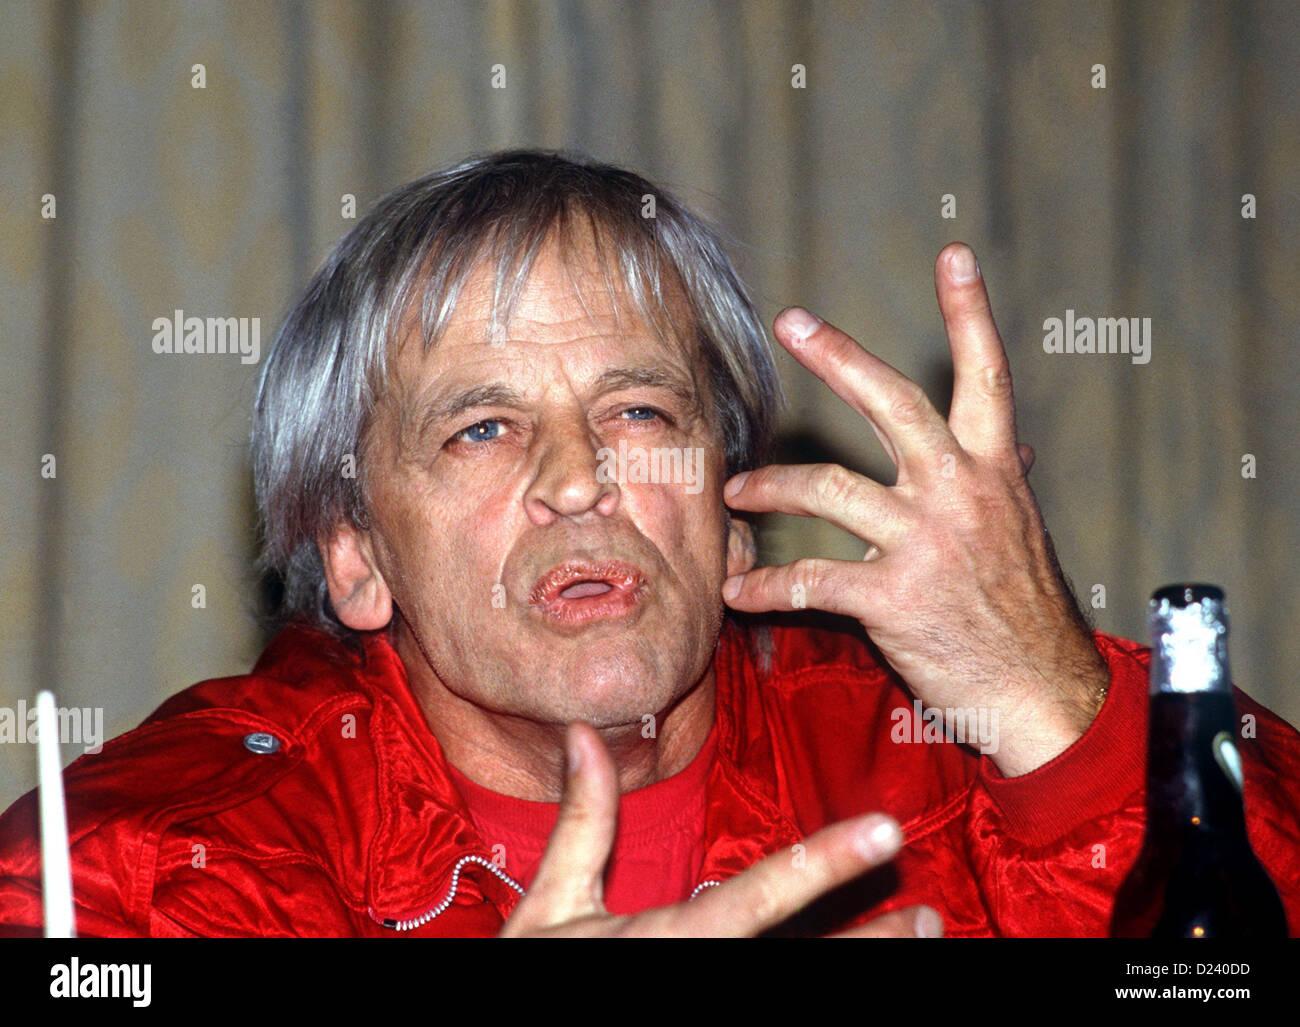 (Afp) - L'acteur allemand Klaus Kinski parle de son film 'Kommando Leopard' ('Commando Leopard', 1985) au cours d'une conférence de presse à Hambourg, le 22 octobre 1985. Un 'enfant terrible' de l'industrie du cinéma, ses films: 'Aguirre, der Zorn Gottes' ('Aguirre, la colère de Dieu') et 'Nosferatu: Phantom der Nacht' ('Nosferatu le Vampire'). Kinski est né le 18 octobre 1926 à Danzig, Allemagne (aujourd'hui Gdansk, Pologne) sous le nom de Nikolaus Guenther Nakszynski et mort le 23 novembre 1991 à Lagunitas, en Californie, d'une crise cardiaque. Banque D'Images